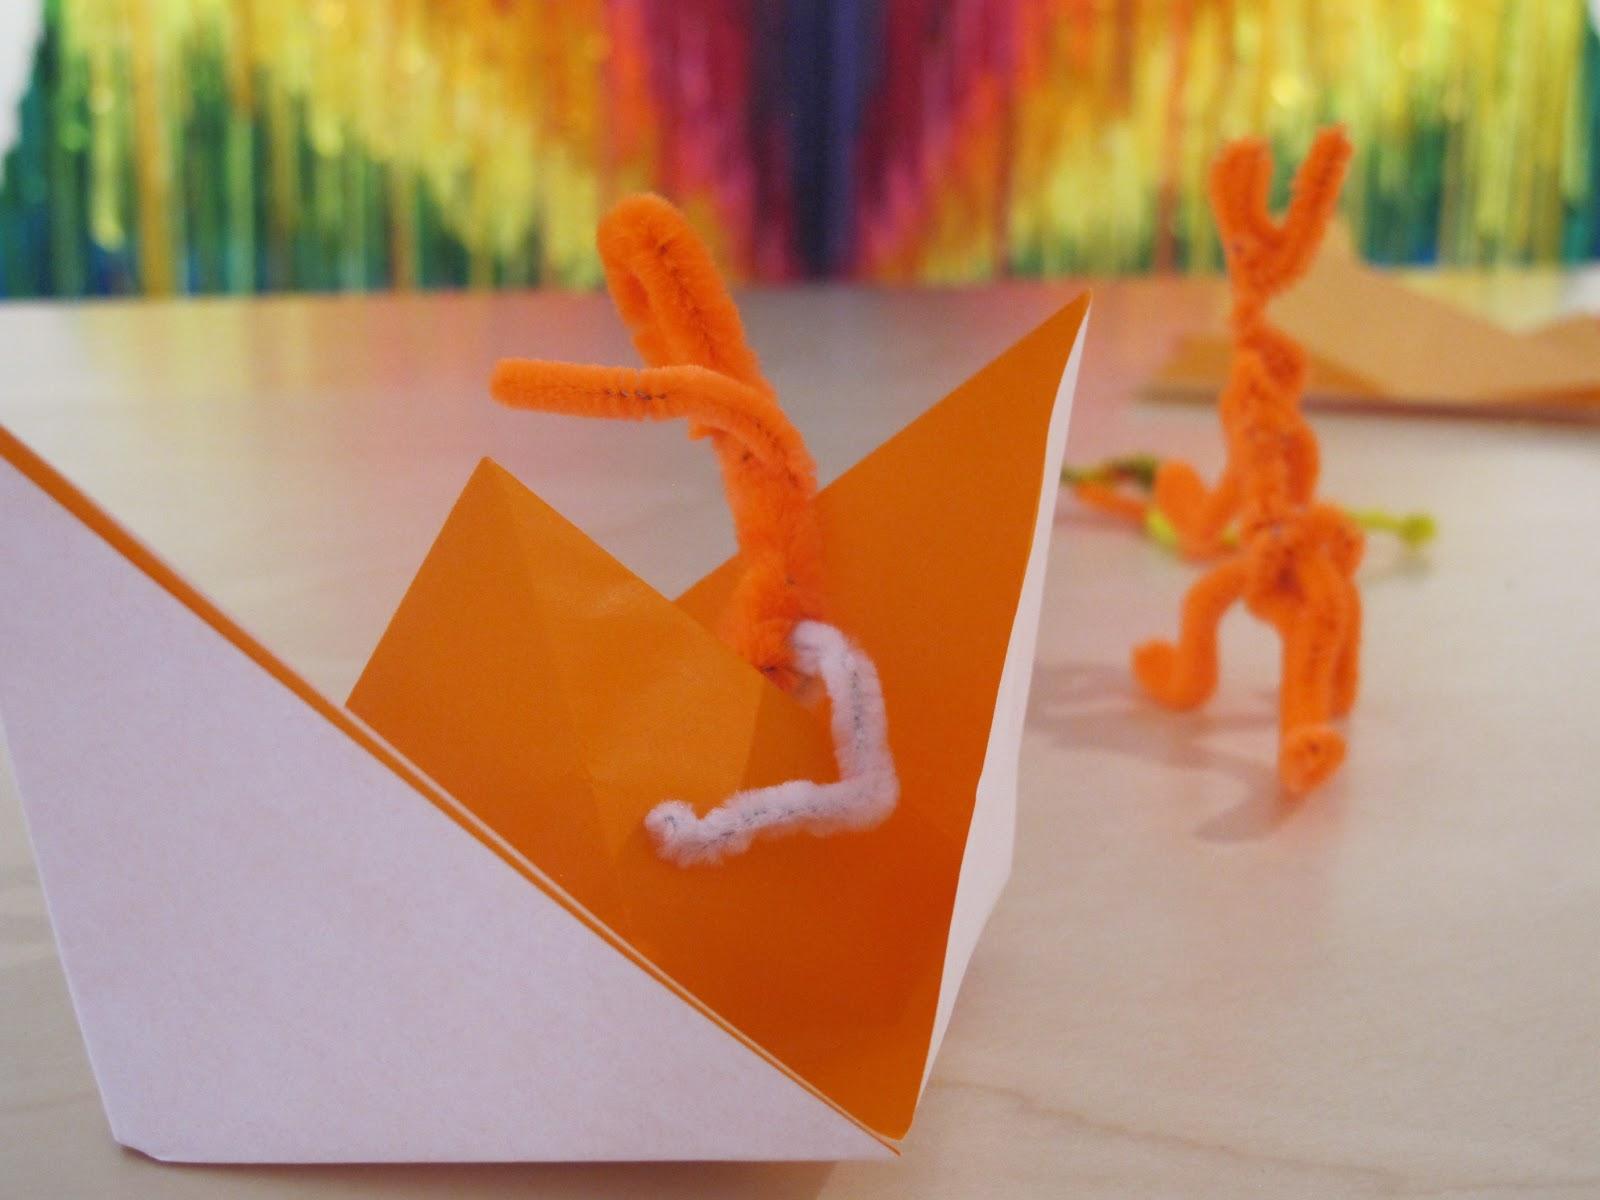 http://rfacdn.nz/artgallery/assets/media/blog-creative-experiment-1.jpg